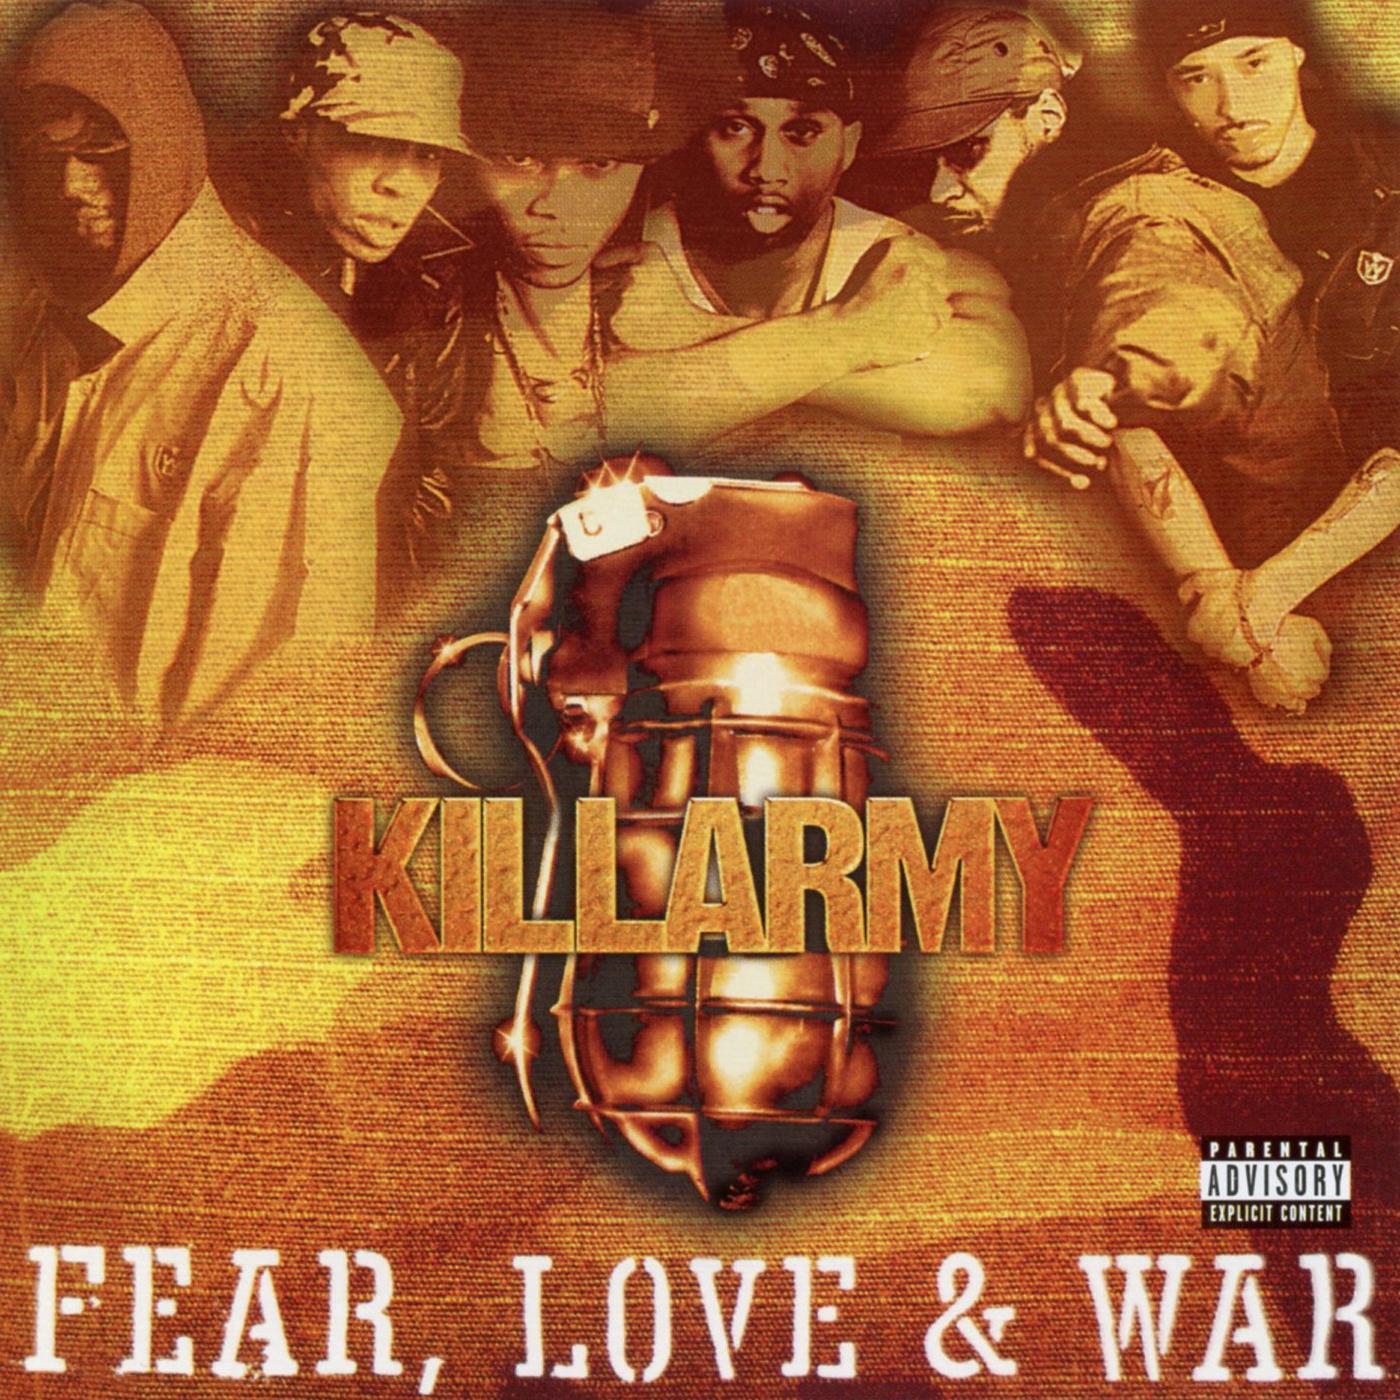 Fear, Love & War - Killarmy